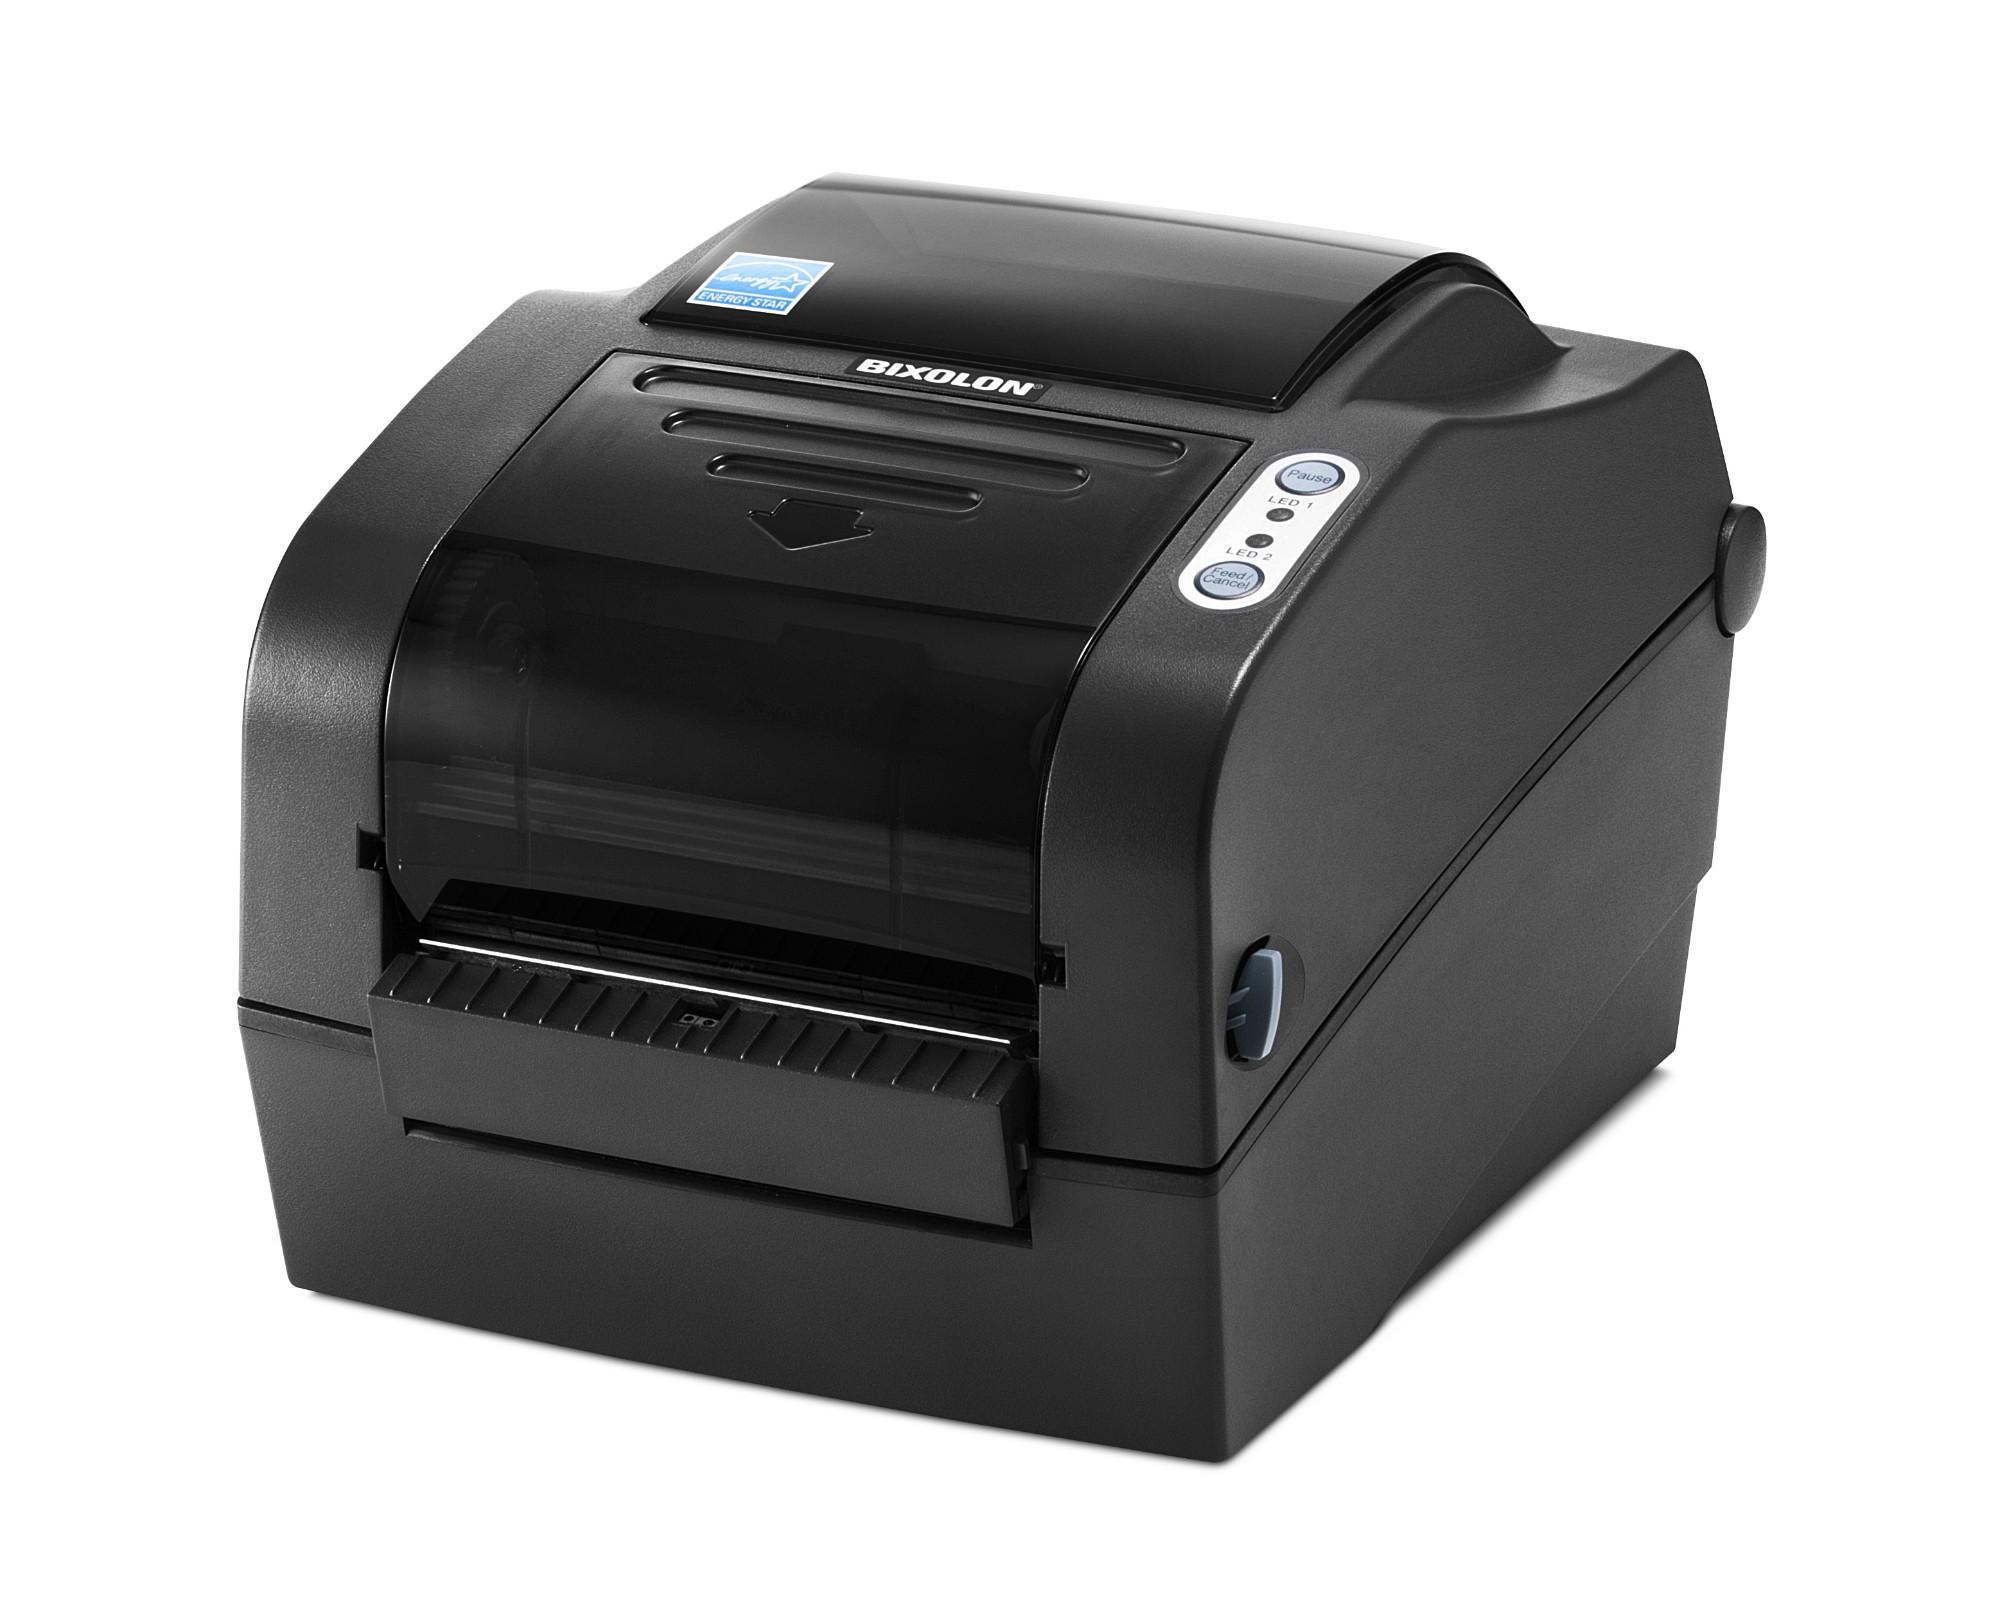 Bixolon SLP-TX420G impresora de etiquetas Térmica directa / transferencia térmica 203 x 203 DPI Alámbrico